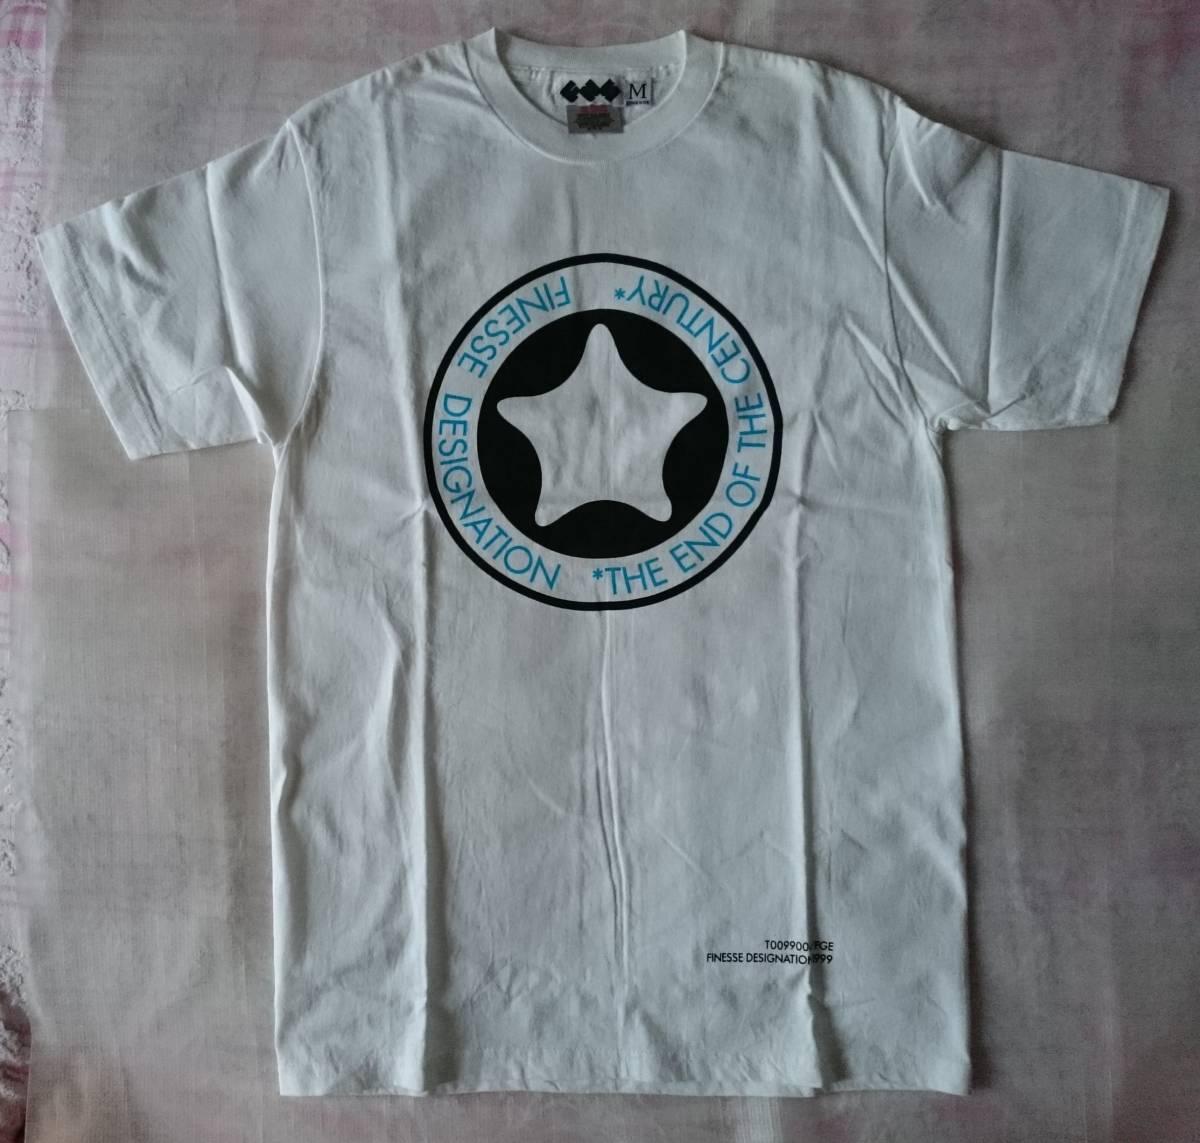 ☆超希少☆FINESSE ☆Tシャツ M フィネス 星 未着用 デッドストック グッドイナフ_画像2